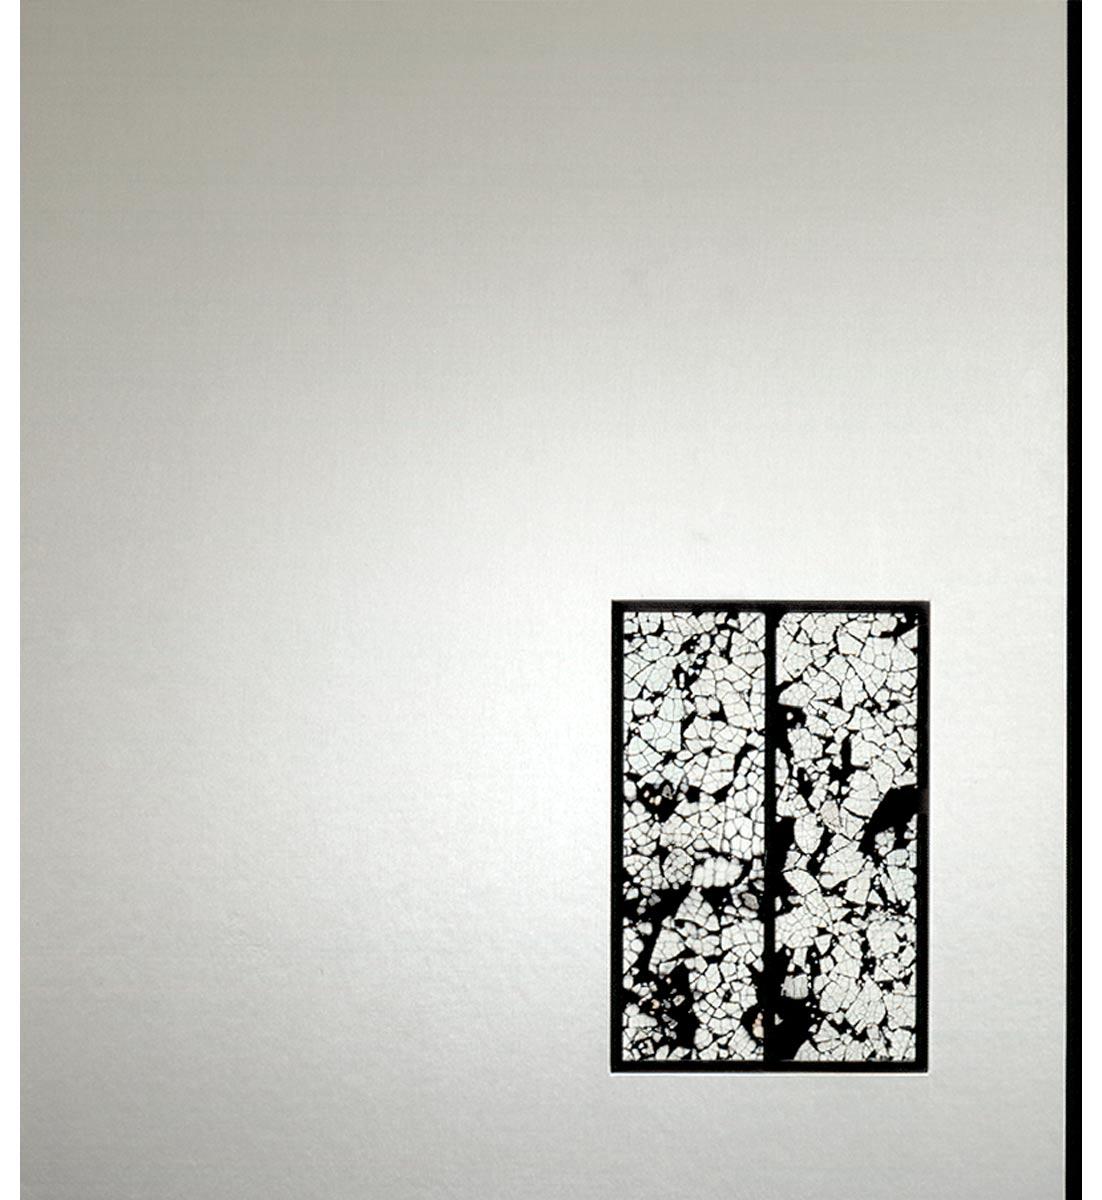 Cracked: The Art of Charles Grogg